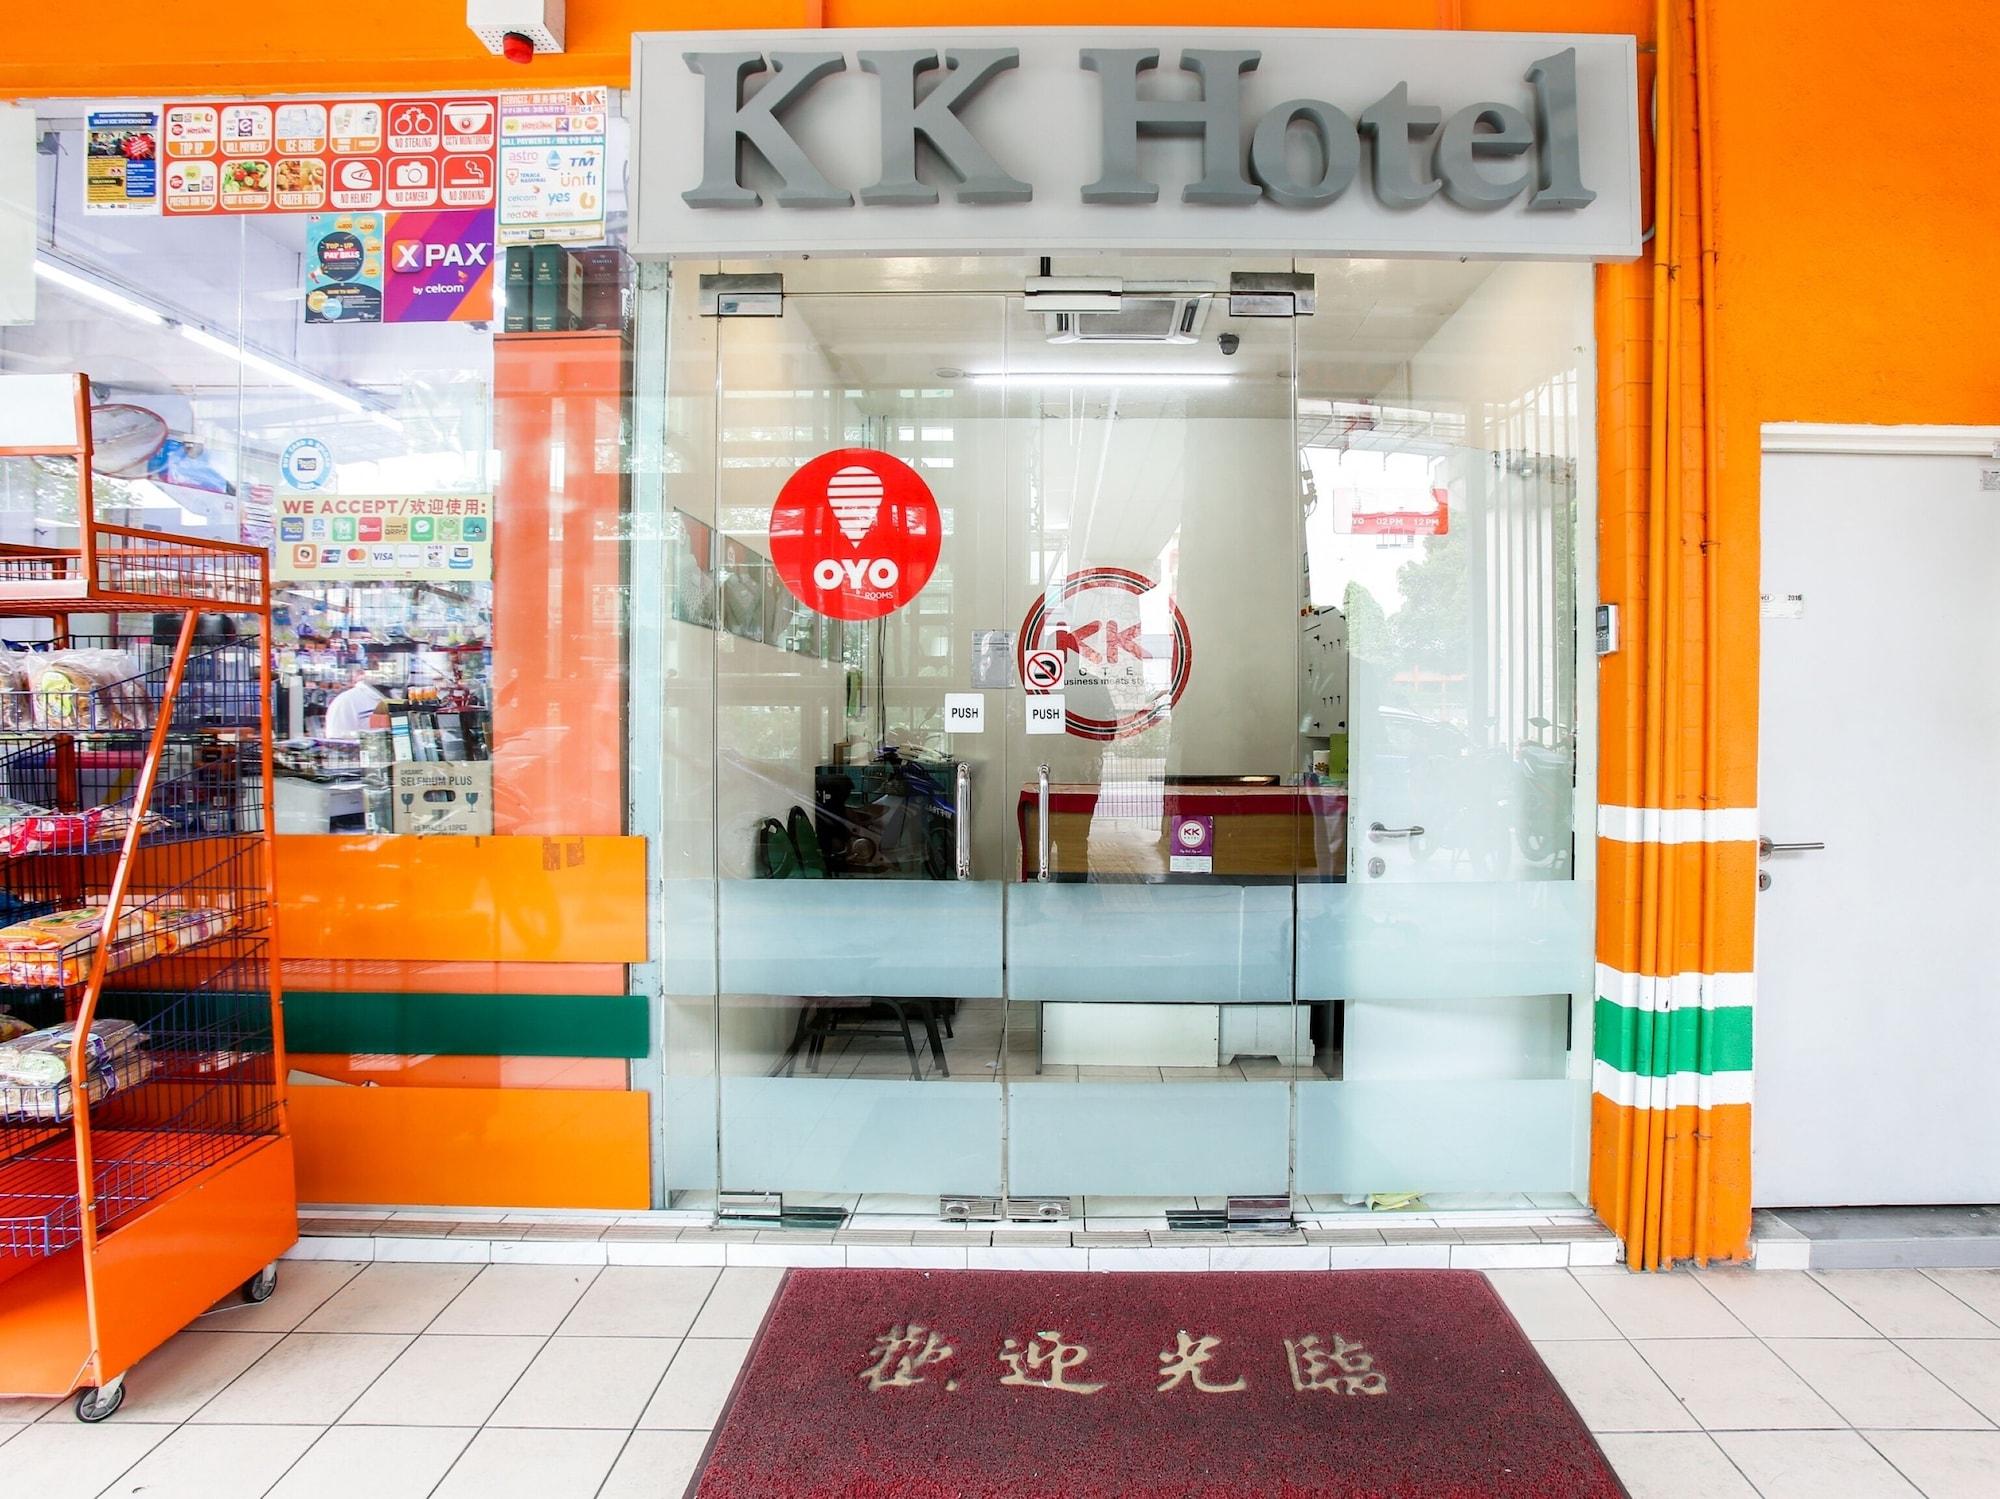 OYO 89579 Kk Hotel Jalan Pahang, Kuala Lumpur